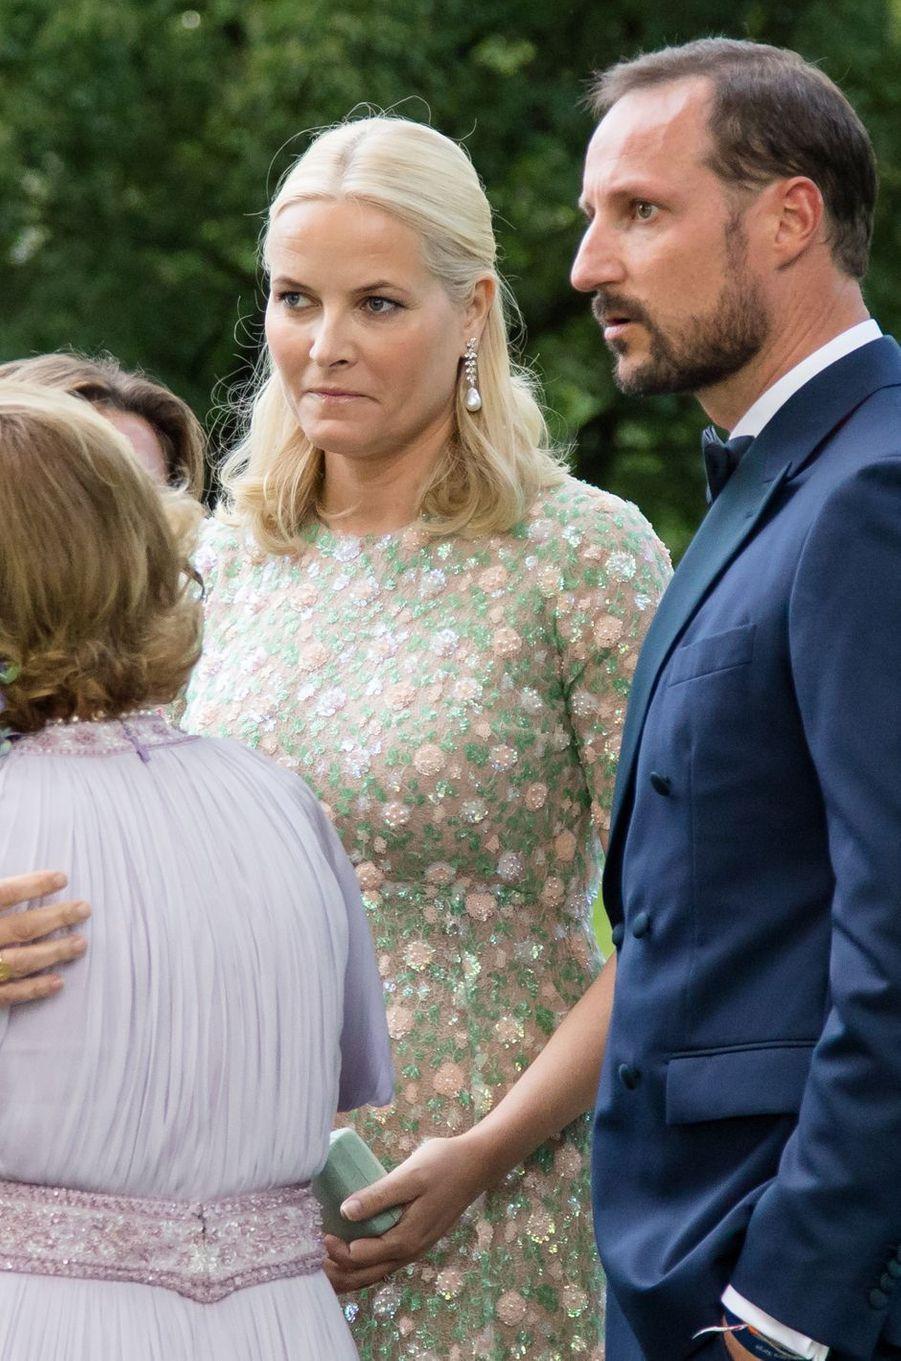 La princesse Mette-Marit et le prince Haakon de Norvège, avec la princesse Märtha Louise et la reine Sonja à Oslo, le 4 juillet 2017